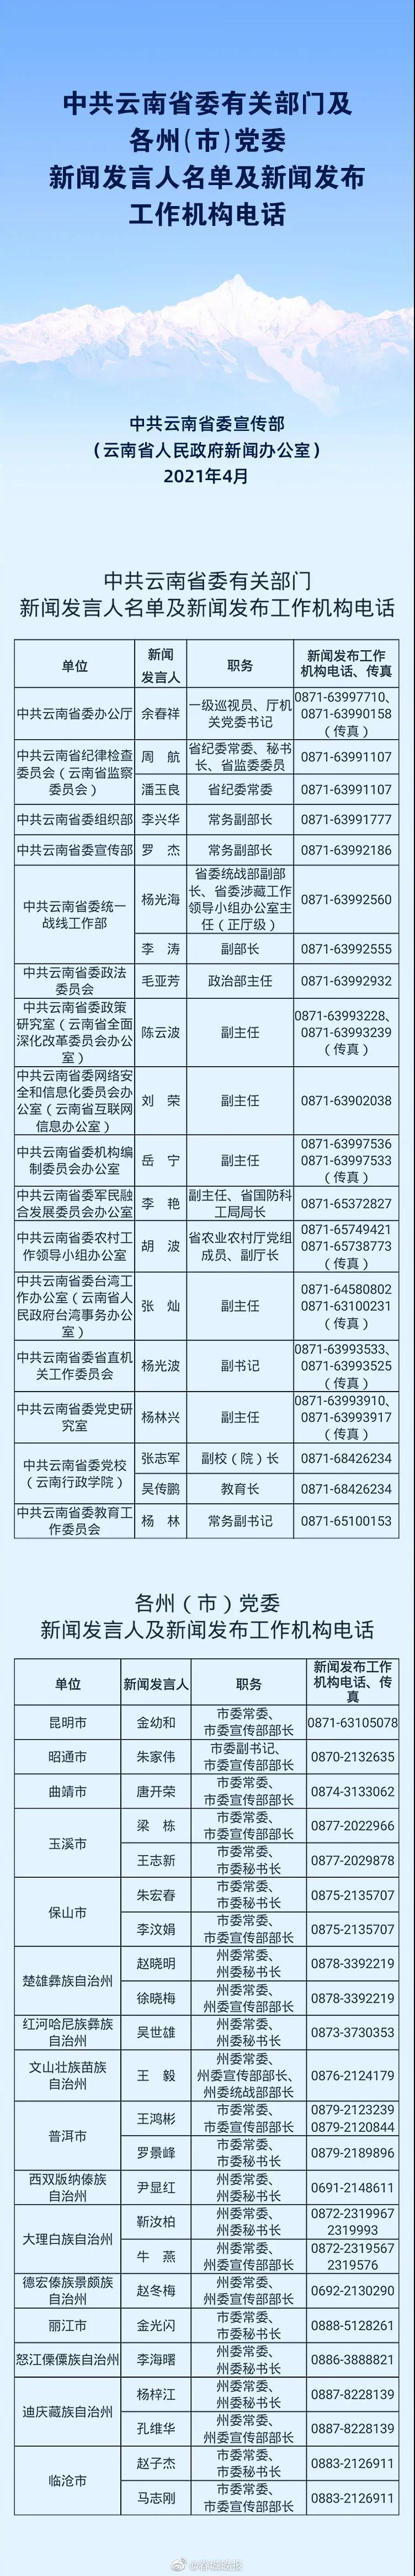 云南省委有关部门及各州(市)党委新闻发言人名单及新闻发布工作机构电话